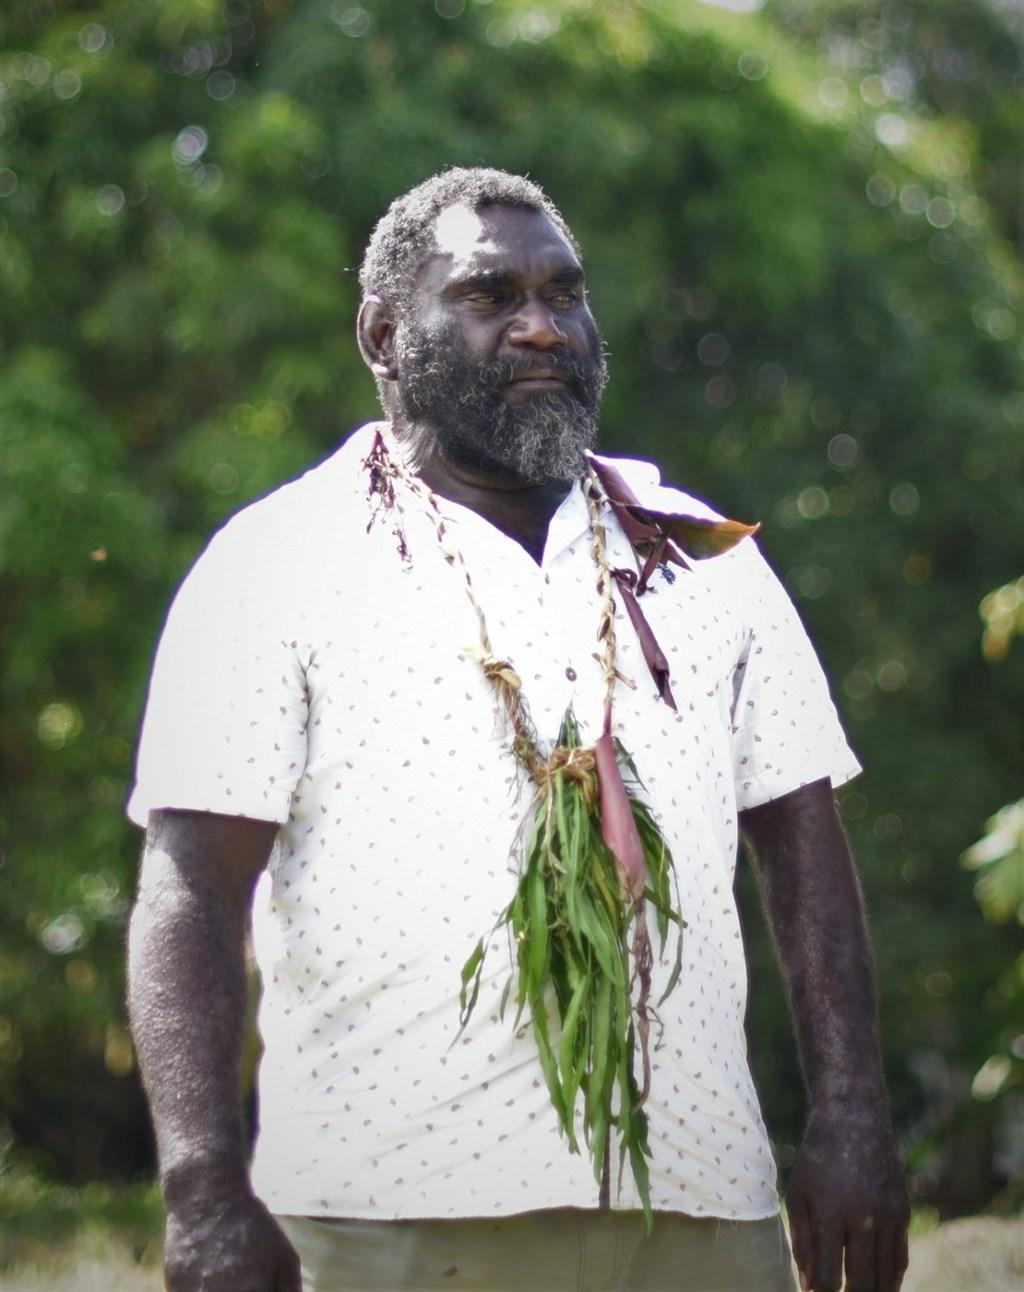 巴布亞紐幾內亞自治區布干維爾前叛軍指揮官托羅亞瑪23日當選自治區首長,將推動獨立。(圖取自facebook.com/ISHMAELTOROAMAforPRESIDENT)